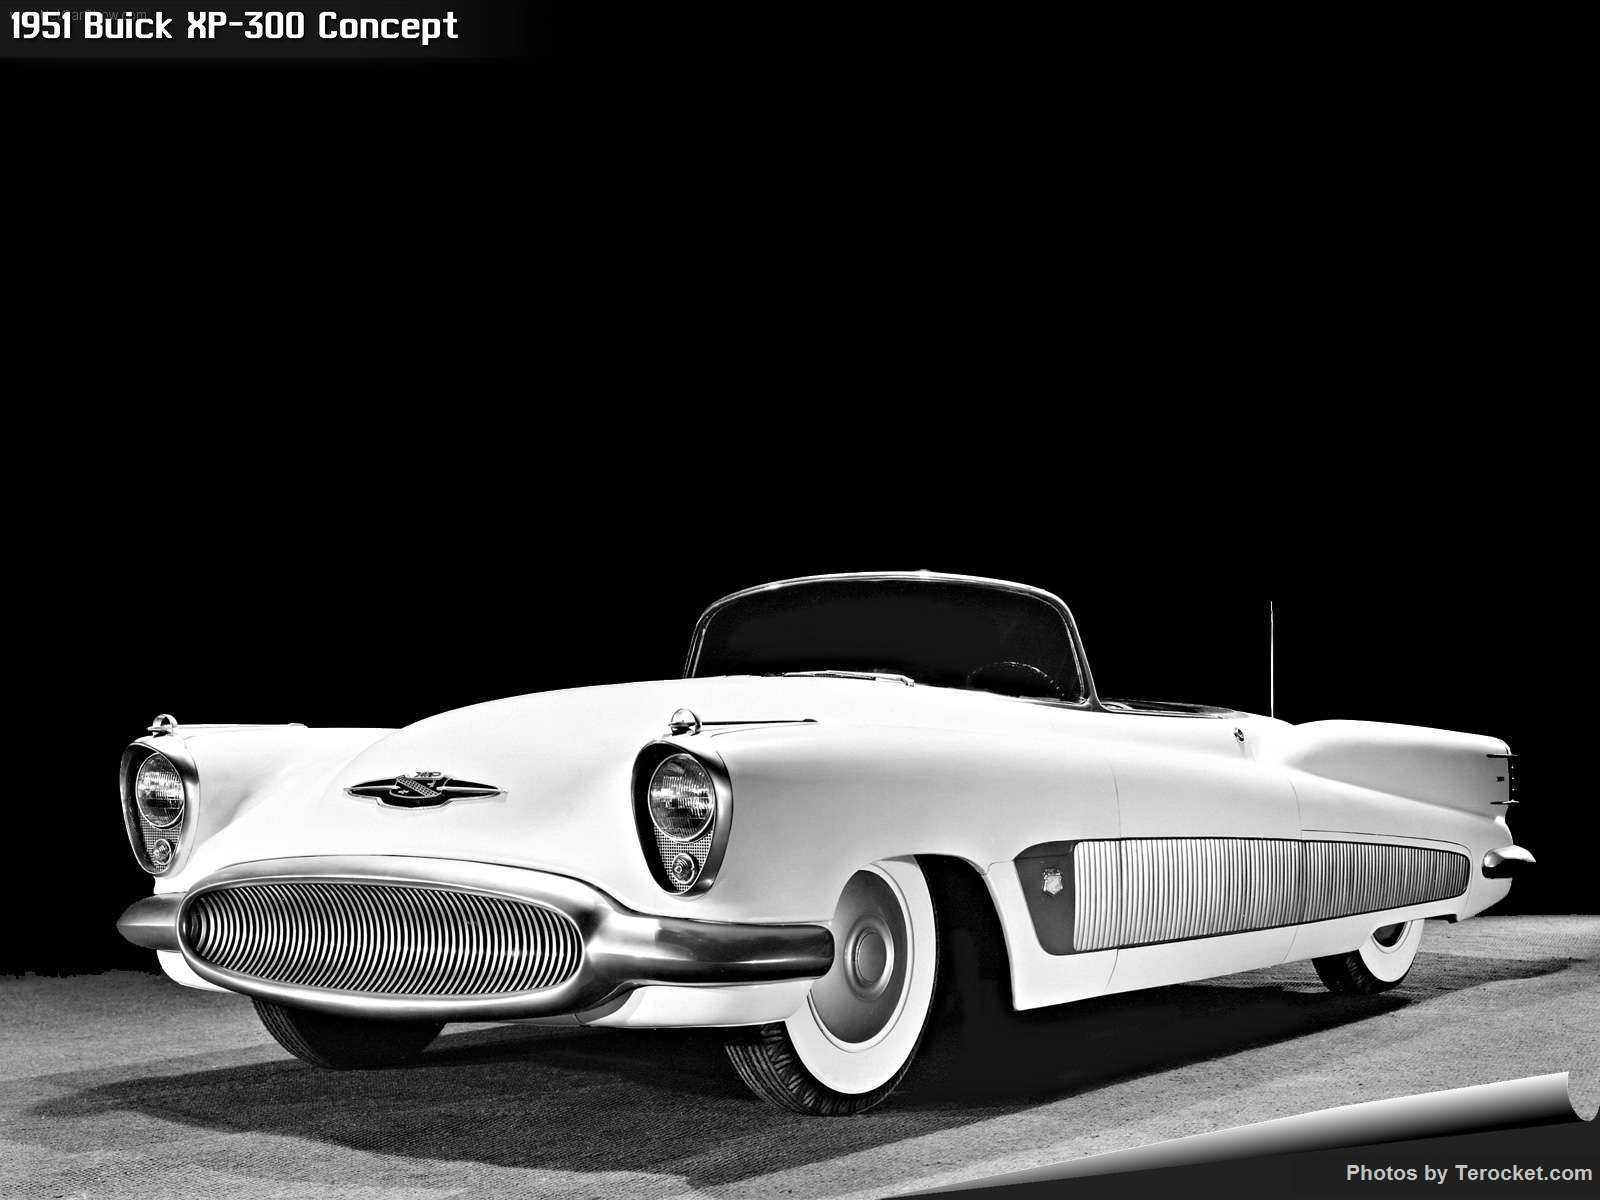 Hình ảnh xe ô tô Buick XP-300 Concept 1951 & nội ngoại thất